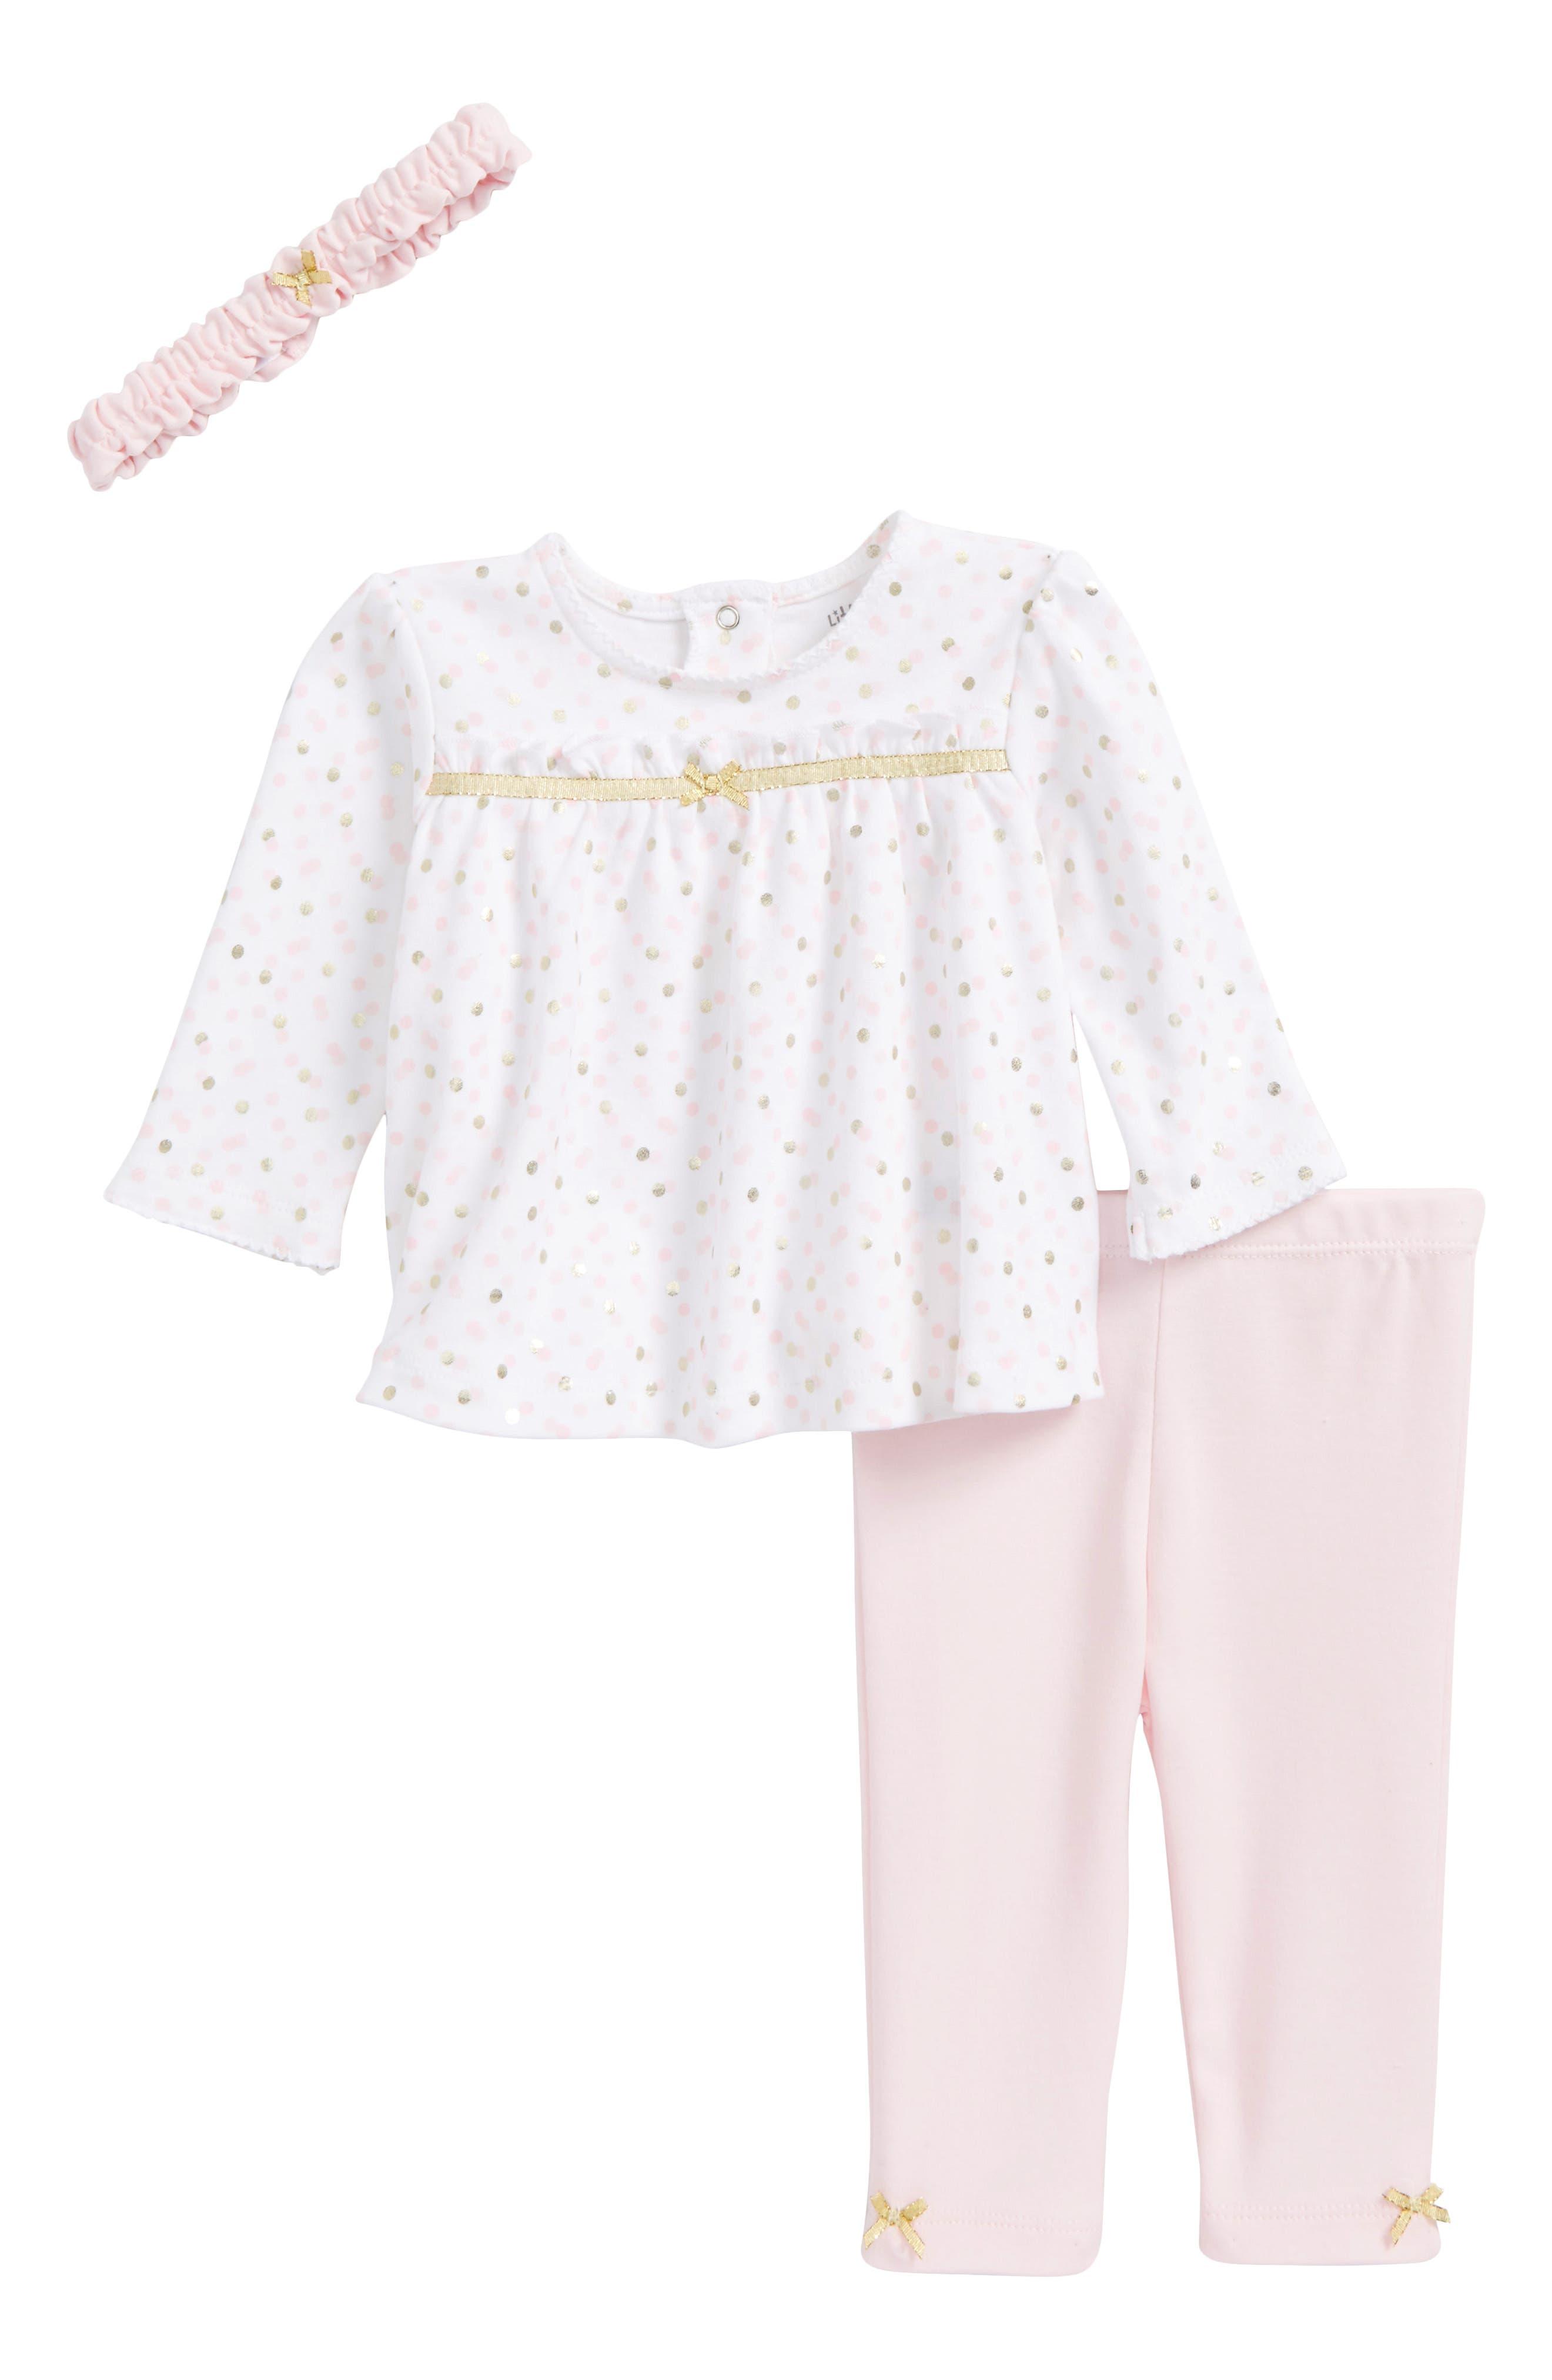 Main Image - Little Me Shimmer Dot Tunic, Leggings & Headband Set (Baby Girls)